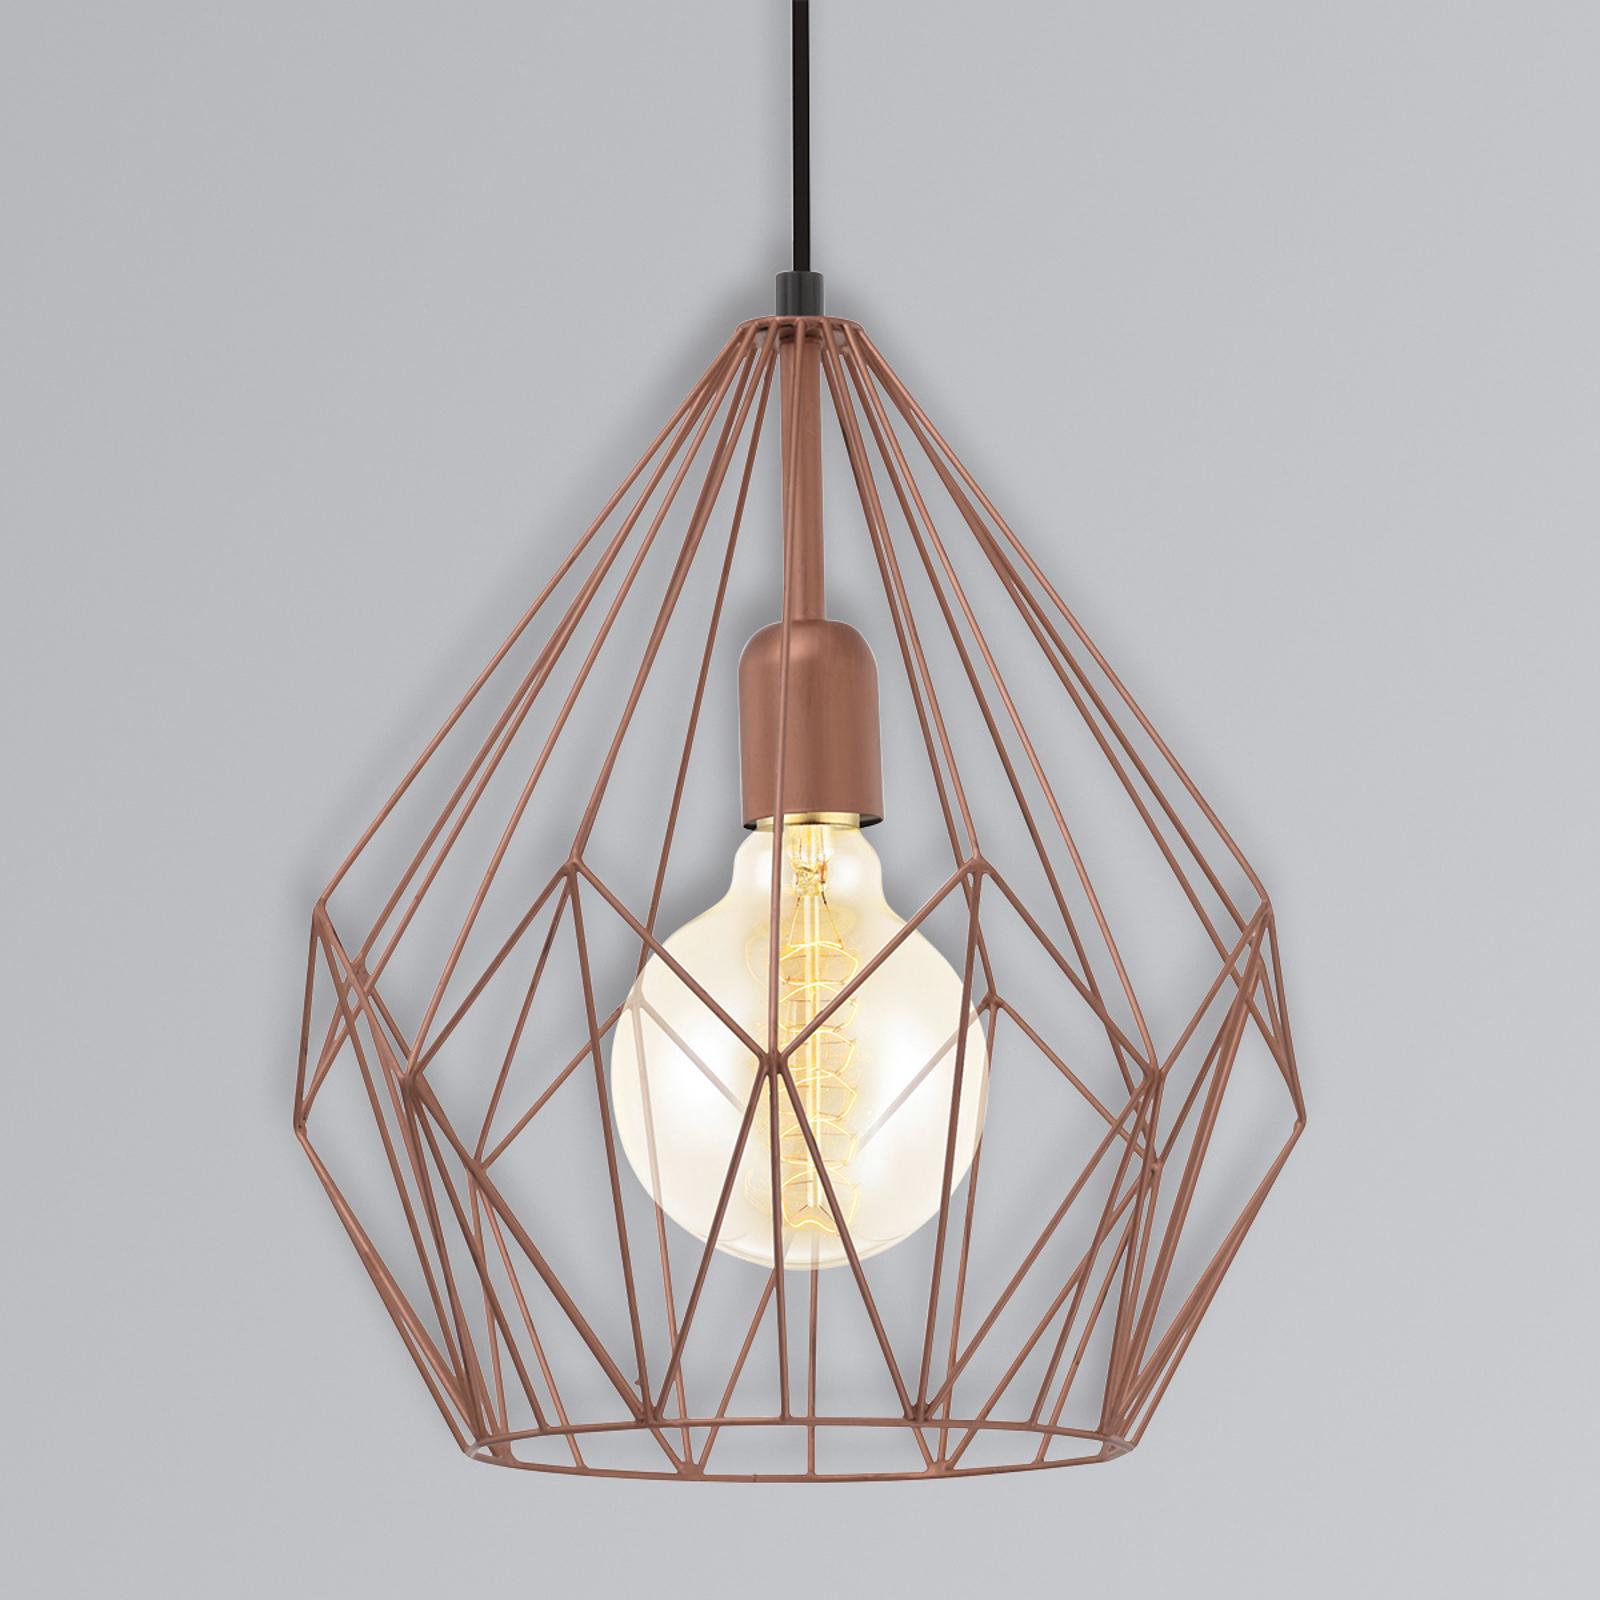 Závesná lampa Carlton štýl vintage medená_3031786_1